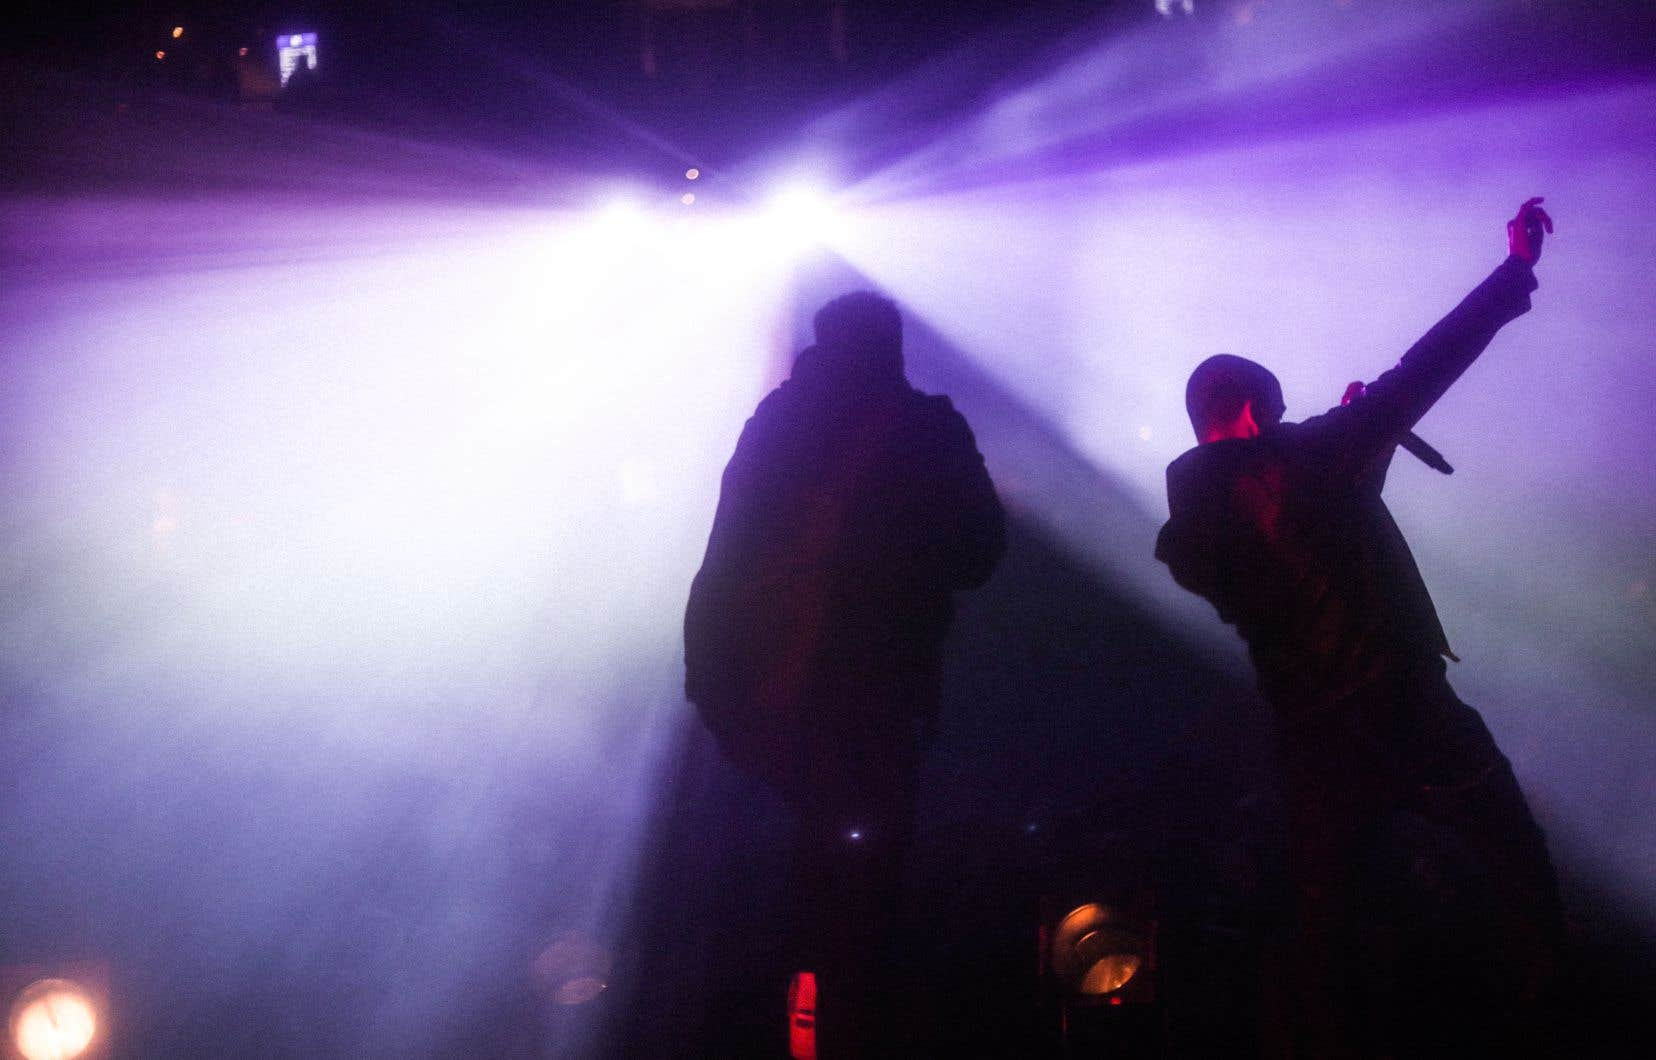 Vendredi, les quatre rappeurs de Dead Obies étaient tous vêtus de noir, alors qu'auparavant, c'était plutôt la foire dans la garde-robe.